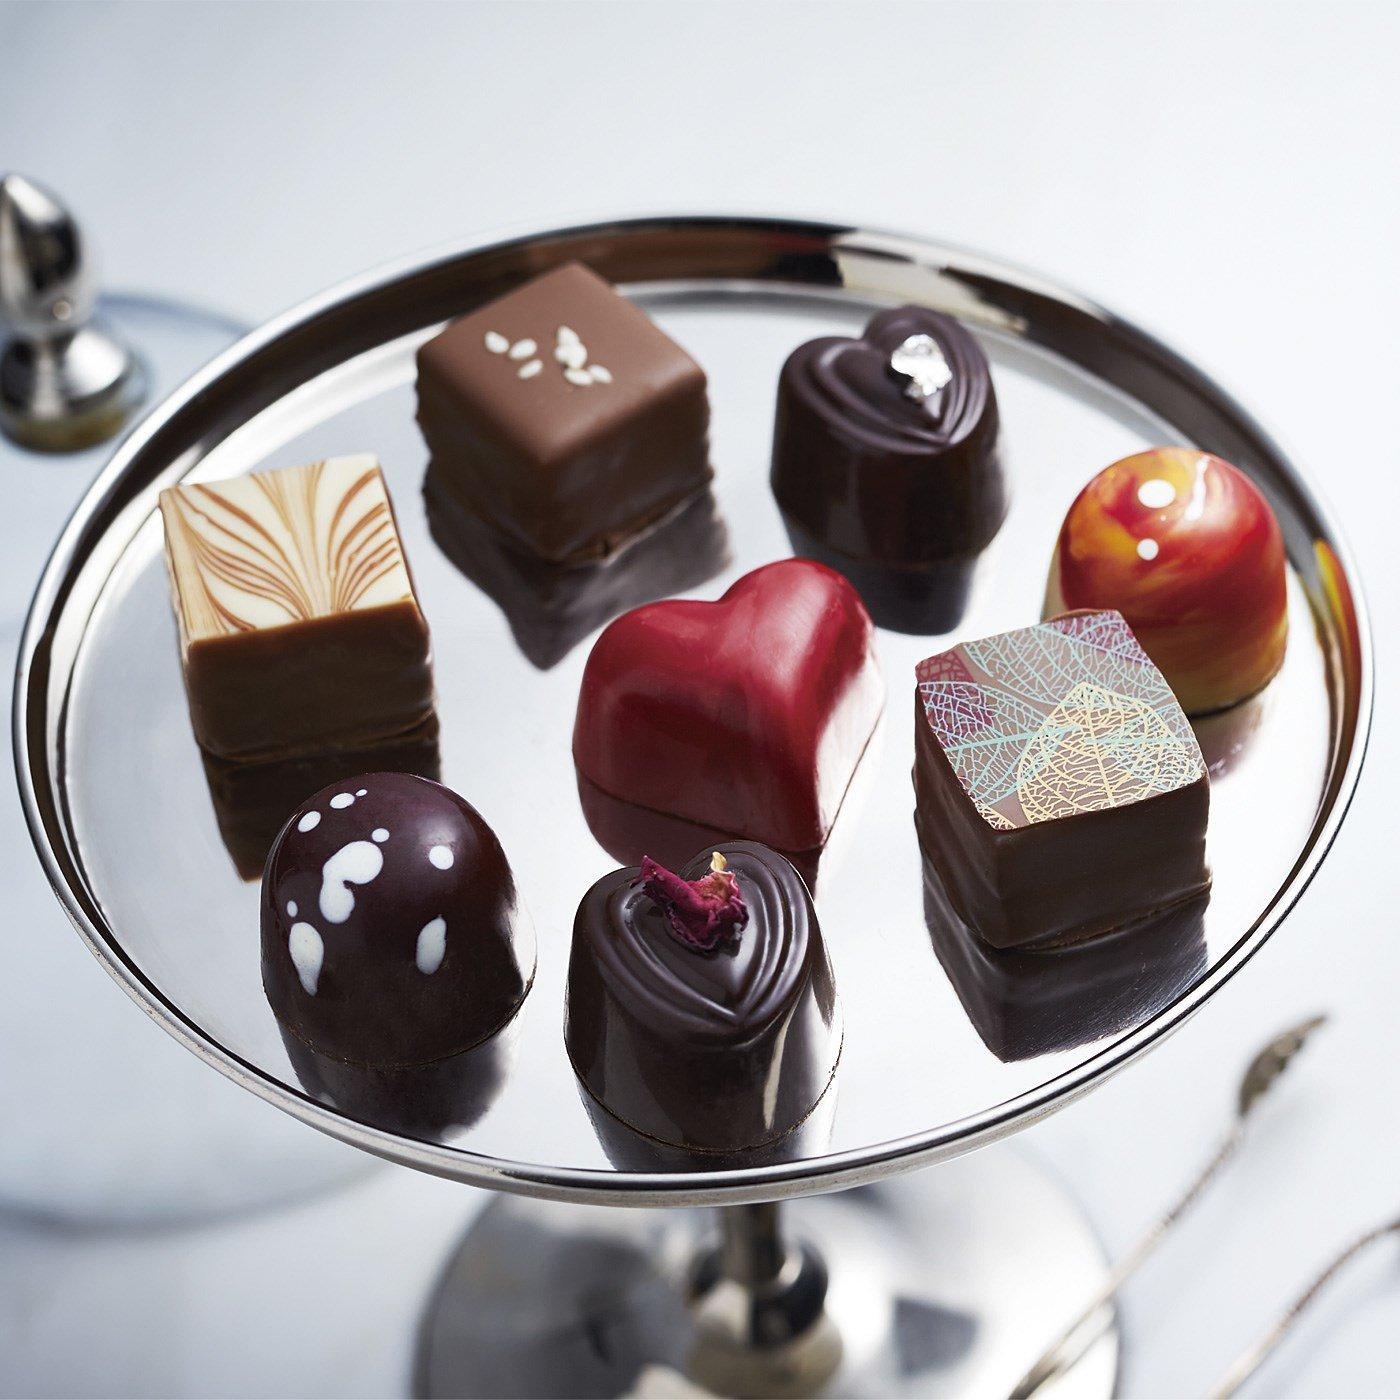 【2月お届け便】ショコラトルアーティザンチョコレート&カフェ ファミリーアソート